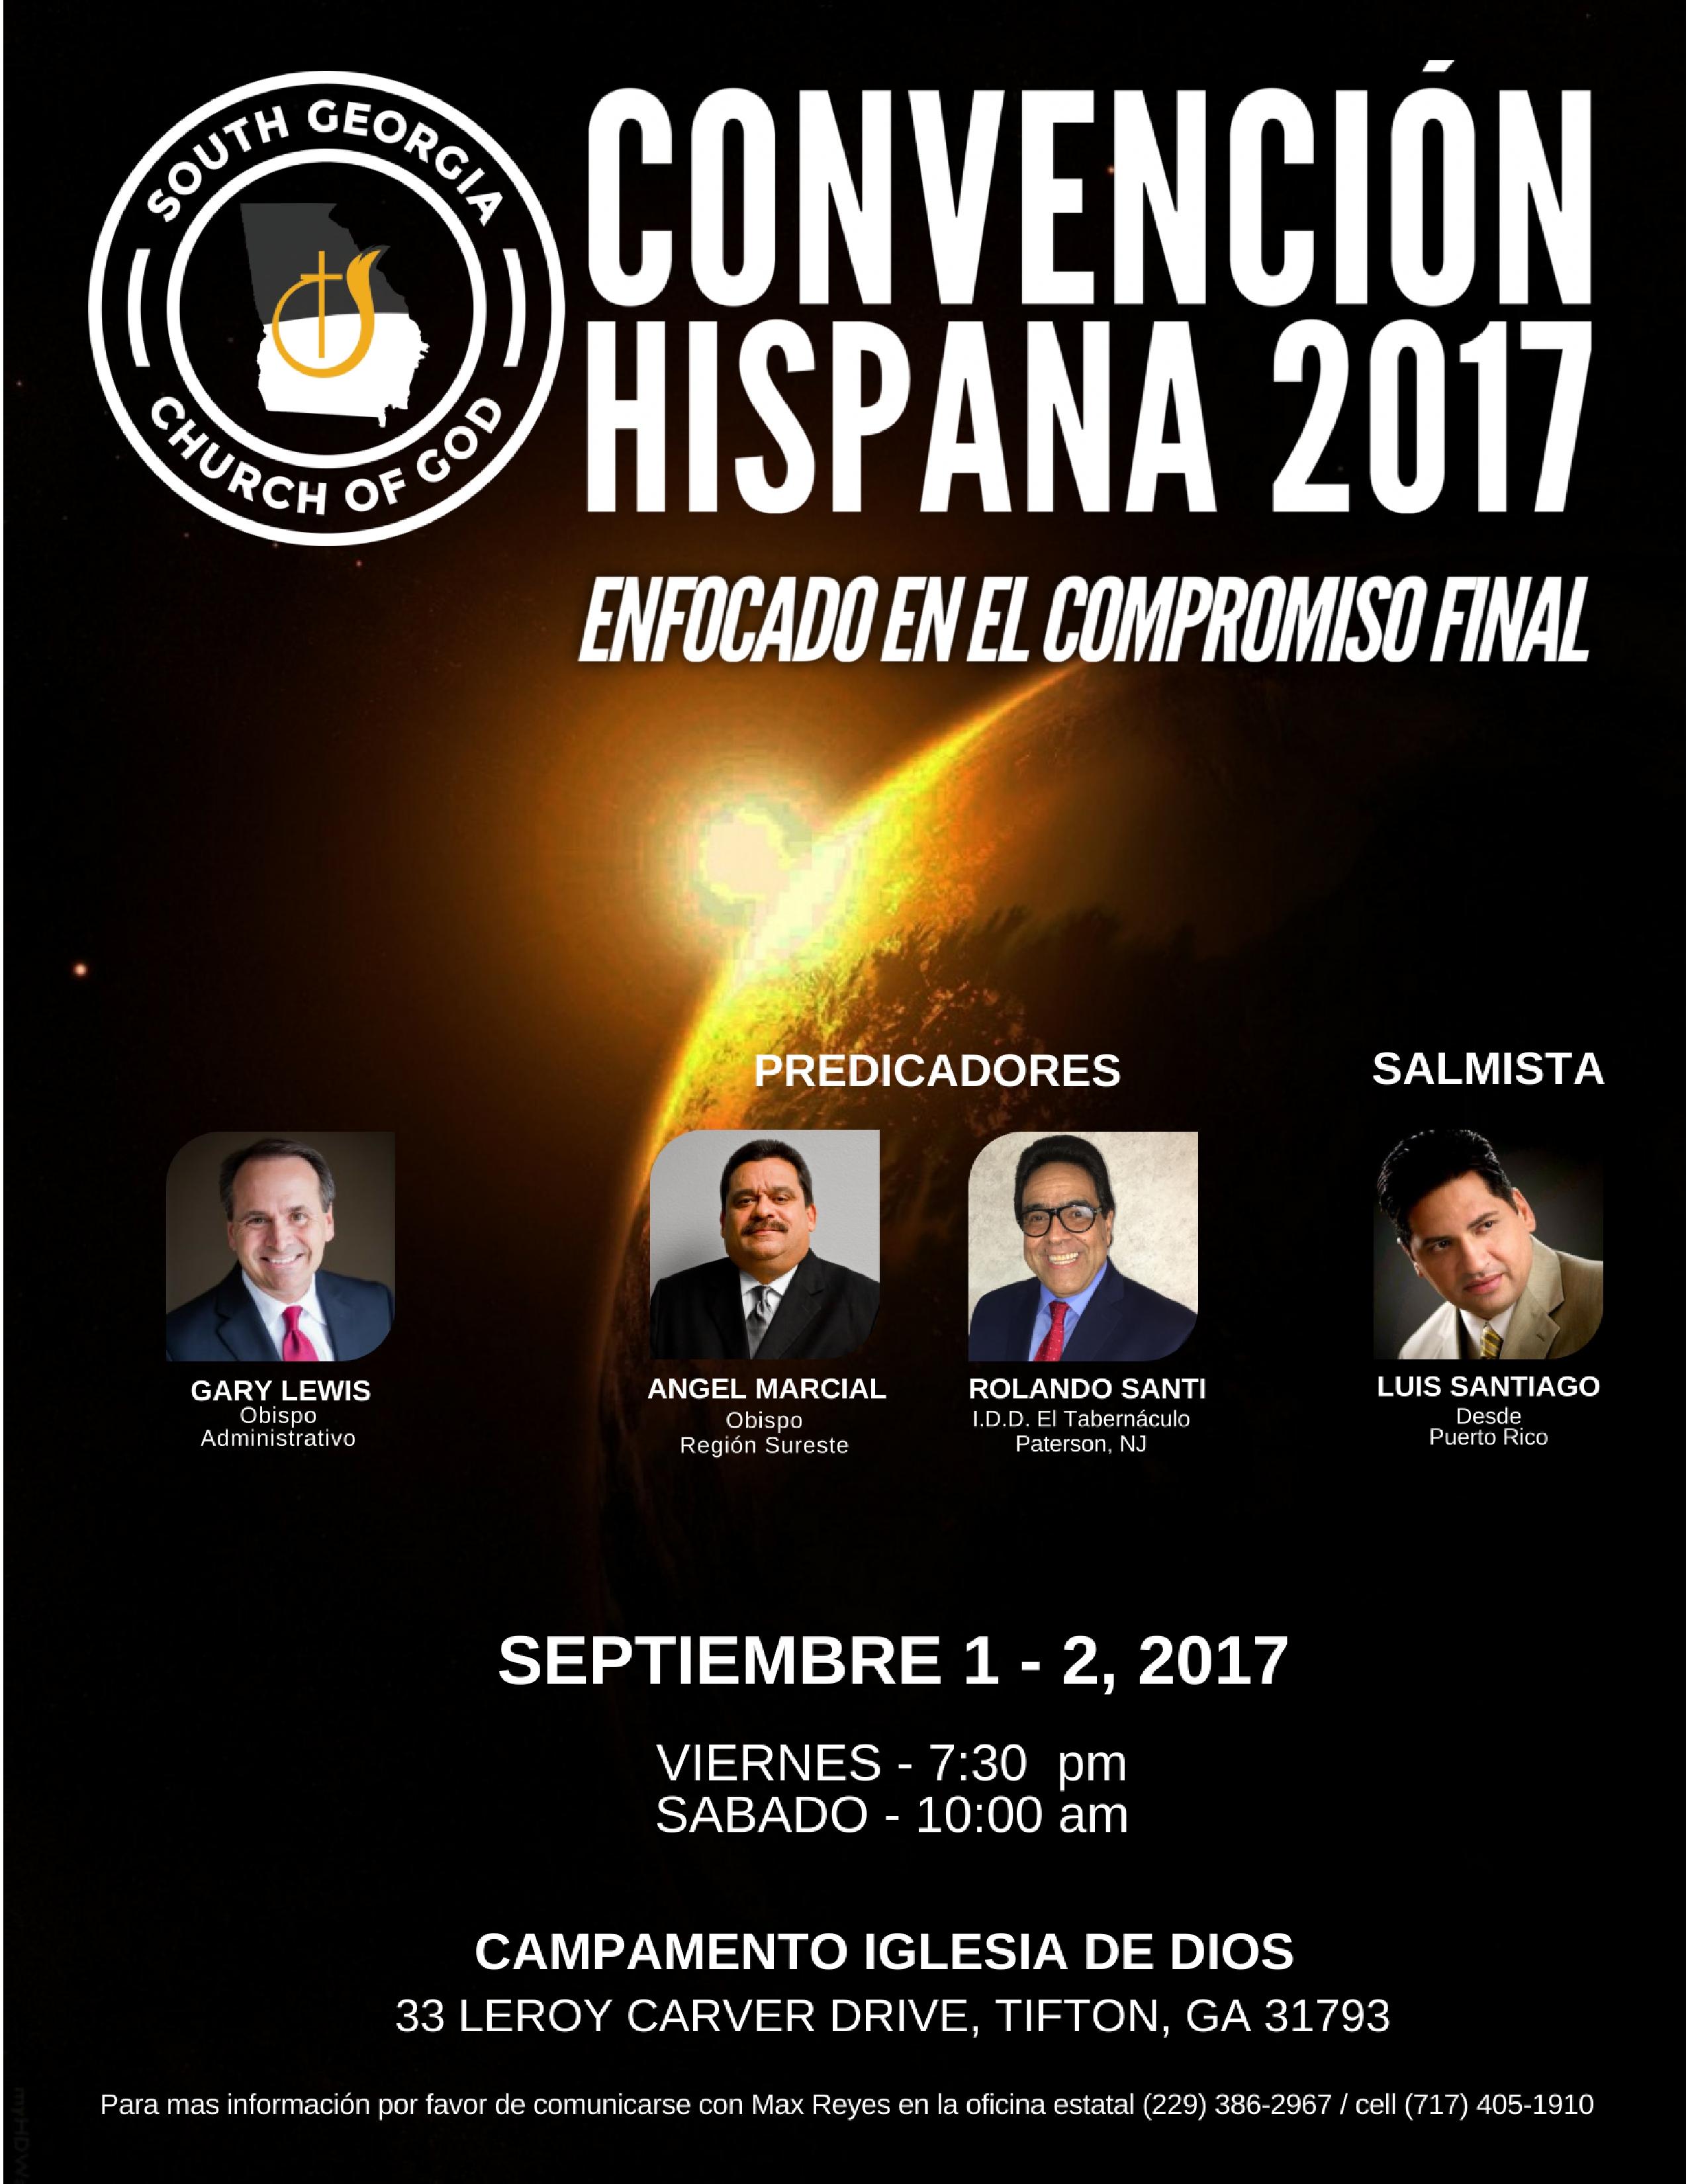 SGA CONVENCION HISPANA 2017